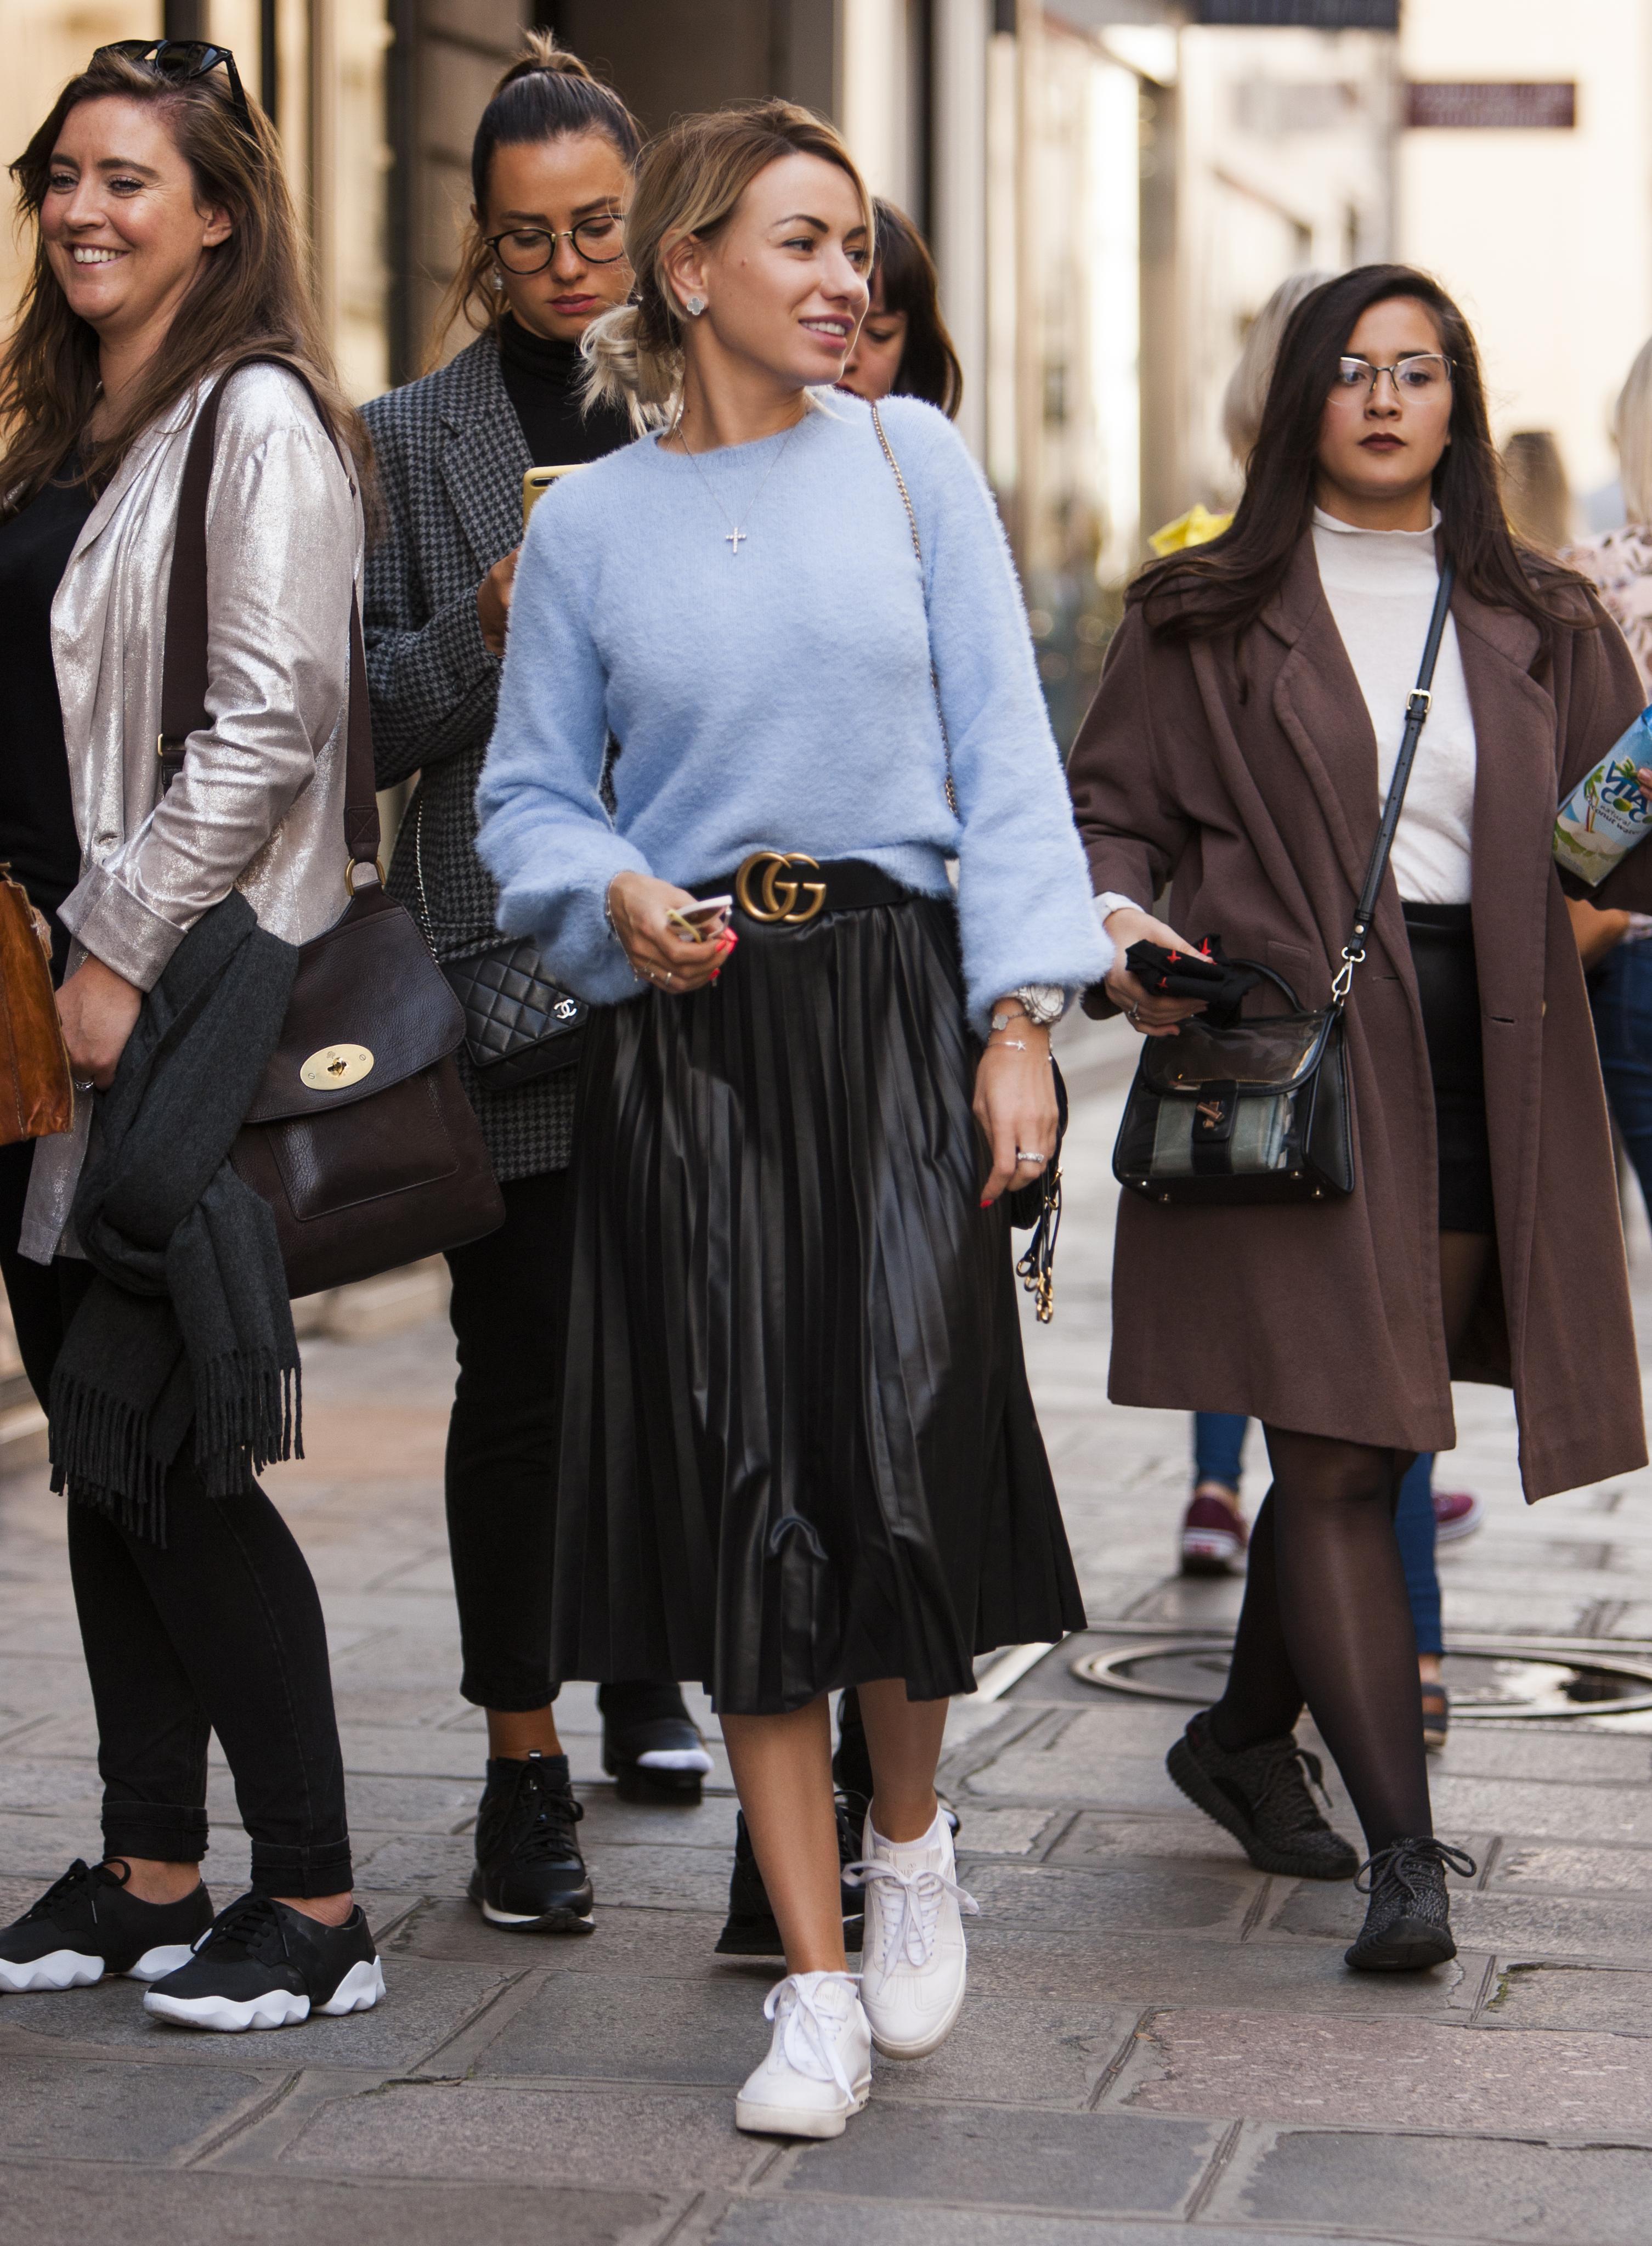 Modni insajderi tvrde: Ovo je šest trendova iz Zare koje će svi nositi u novoj sezoni